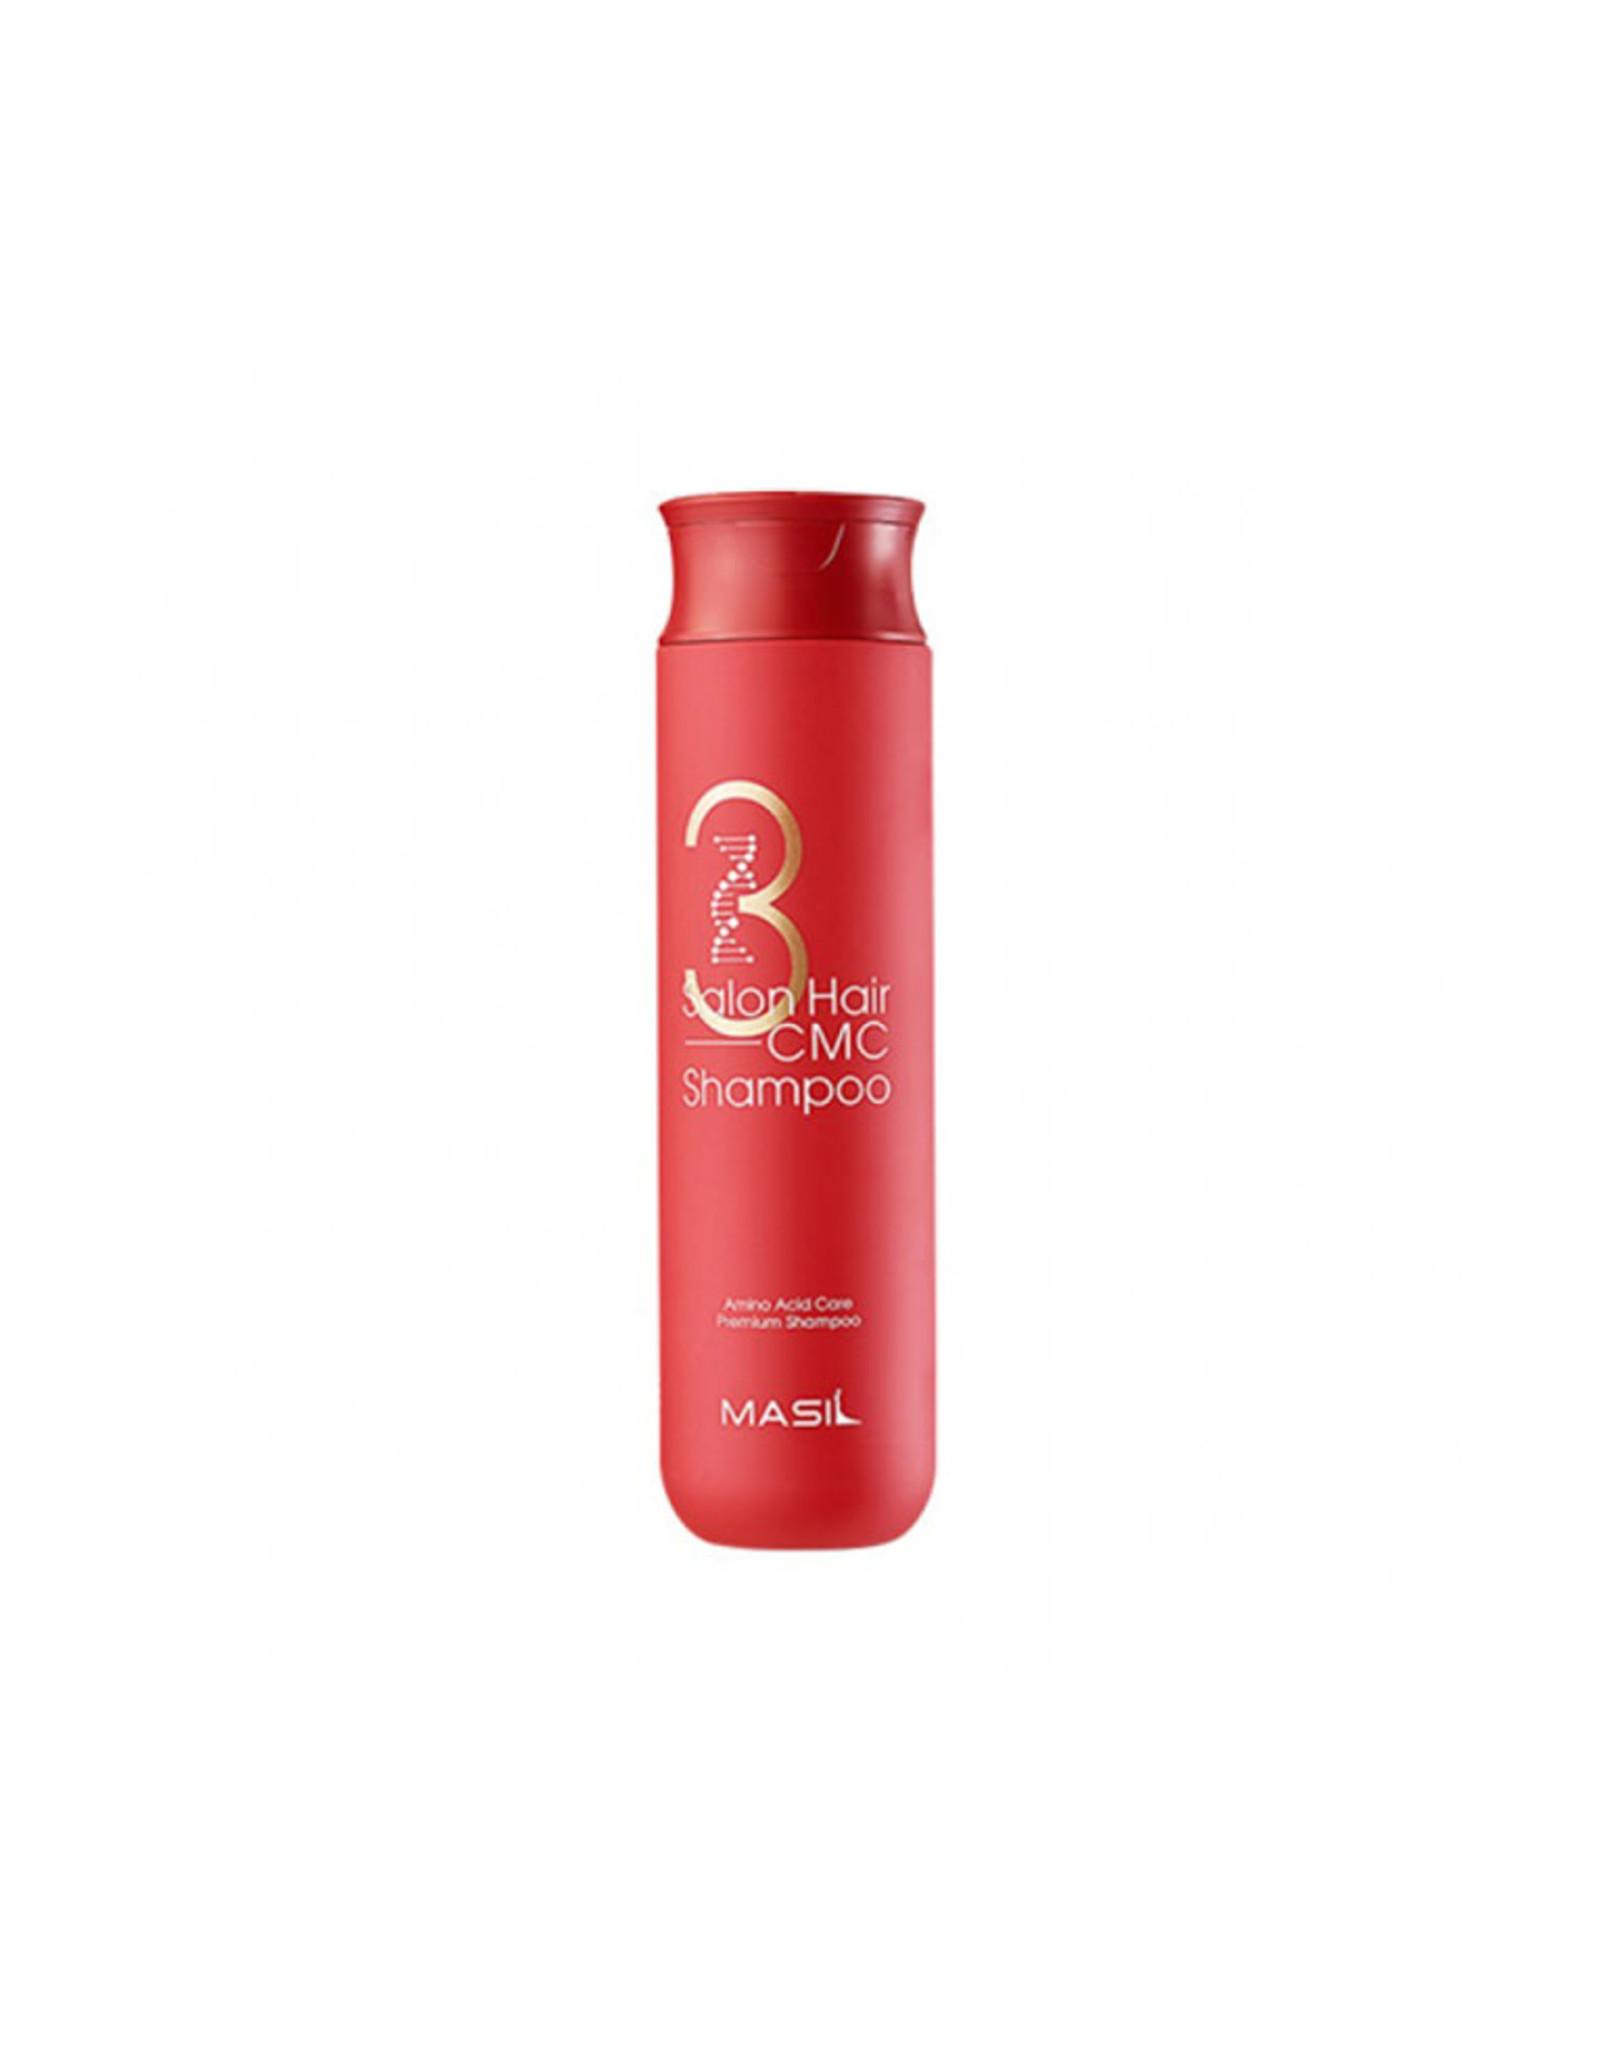 Masil Masil Salon Hair CMC Shampoo 300ml